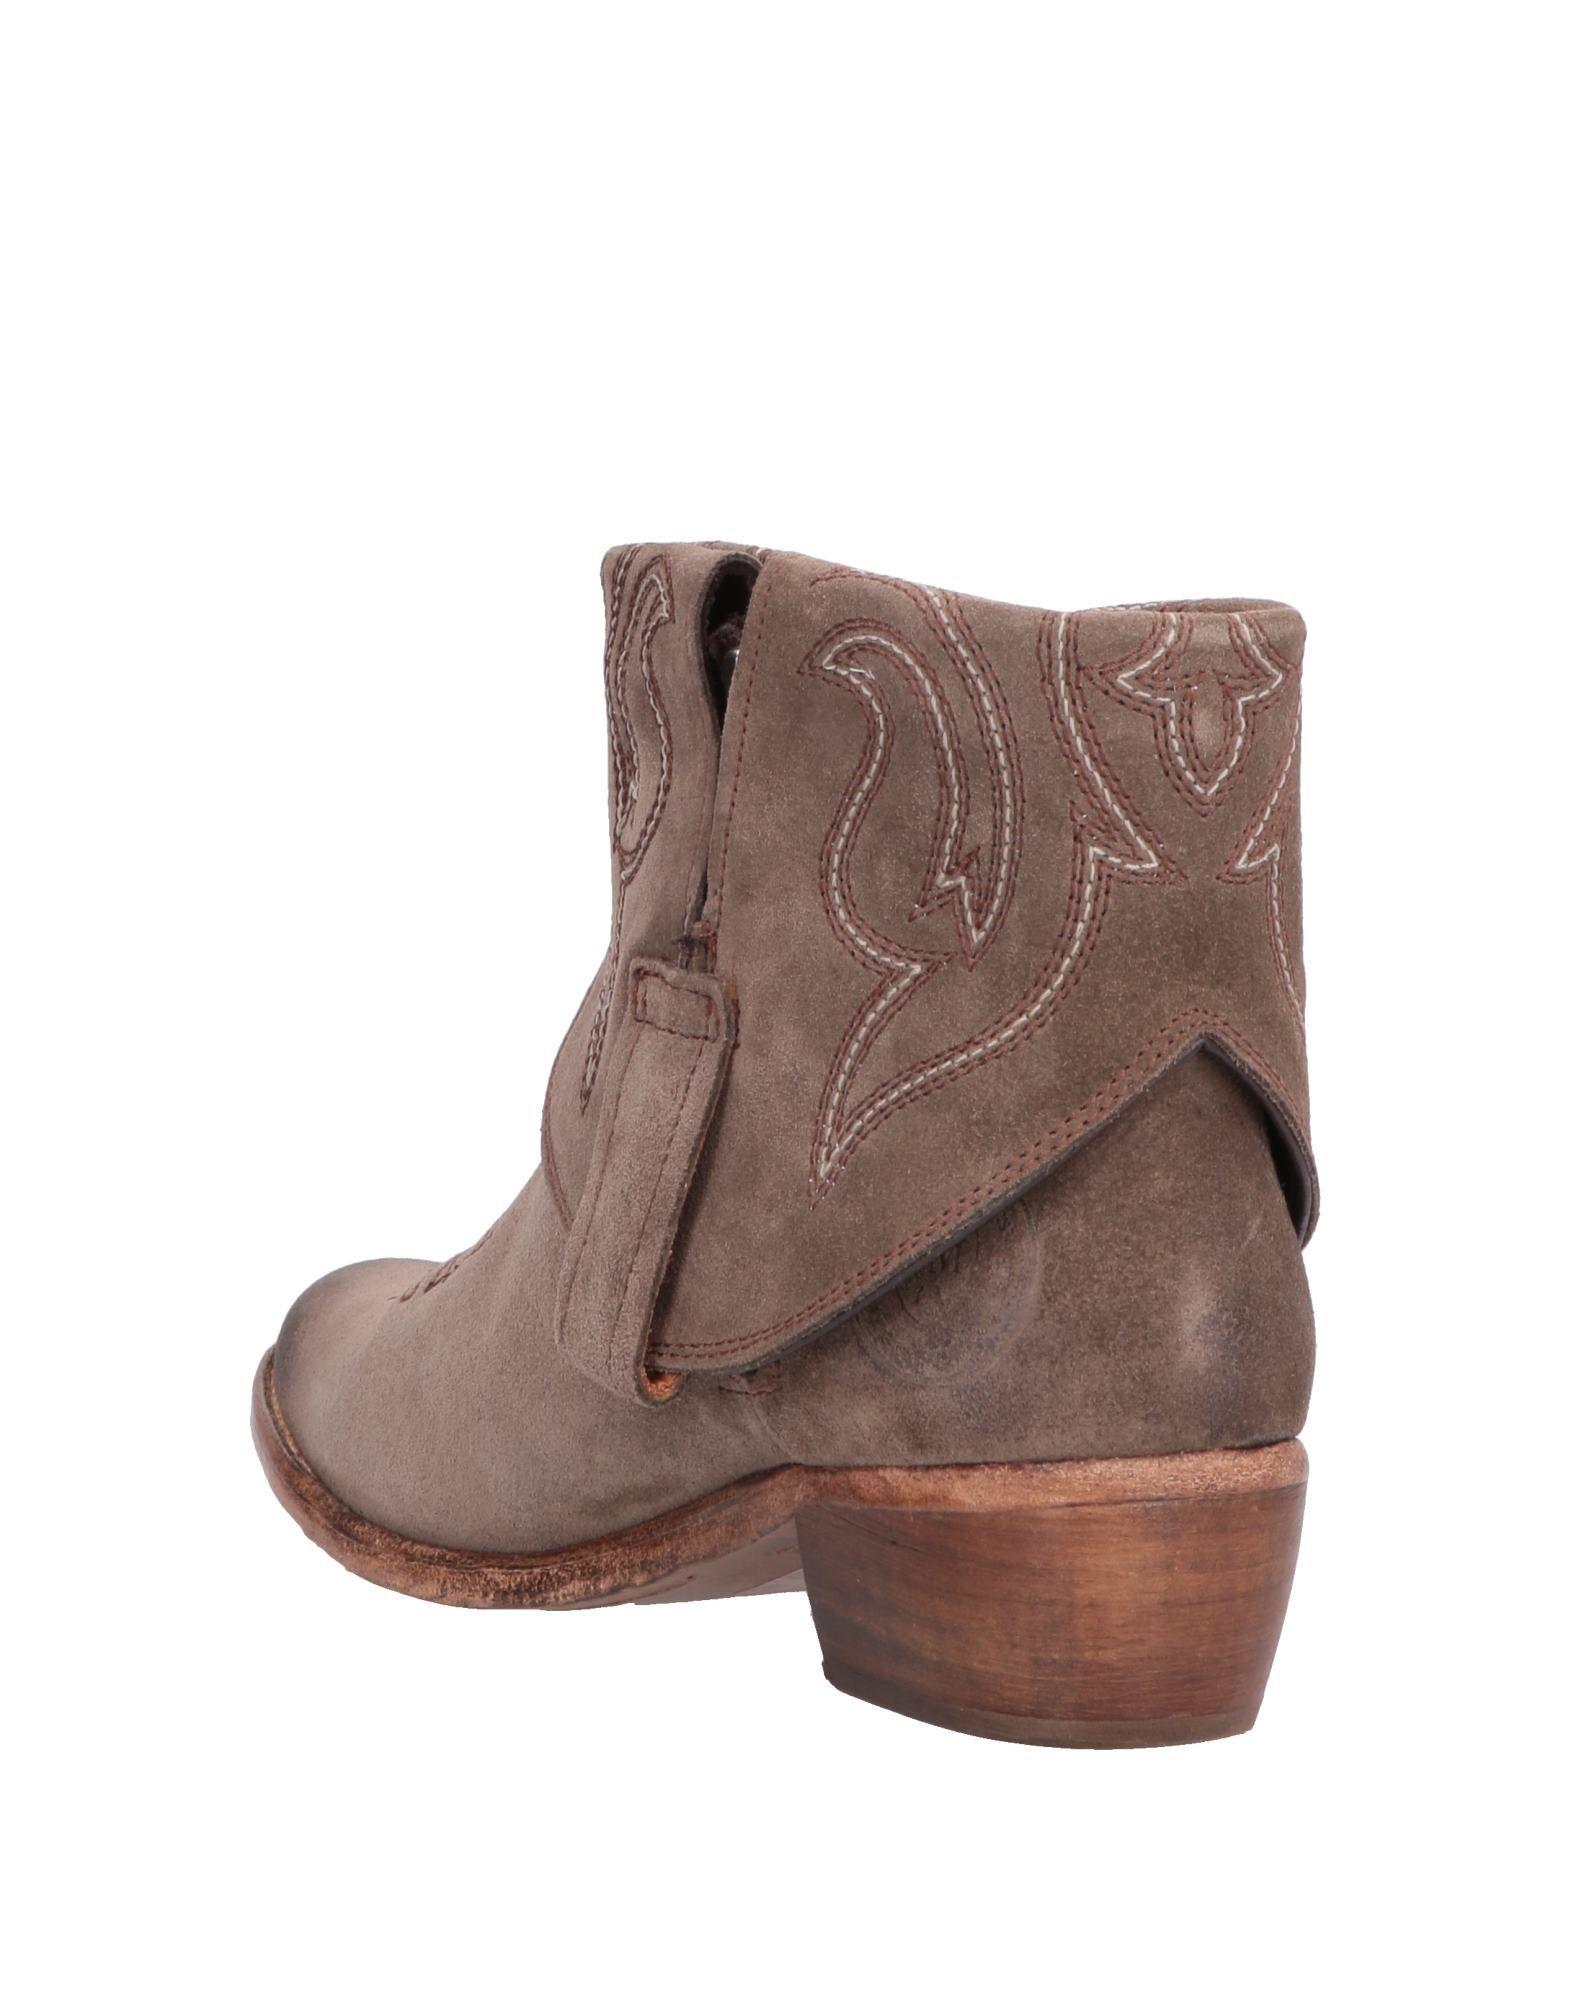 Stilvolle billige Damen Schuhe Catarina Martins Stiefelette Damen billige  11552205MI 1f51d3